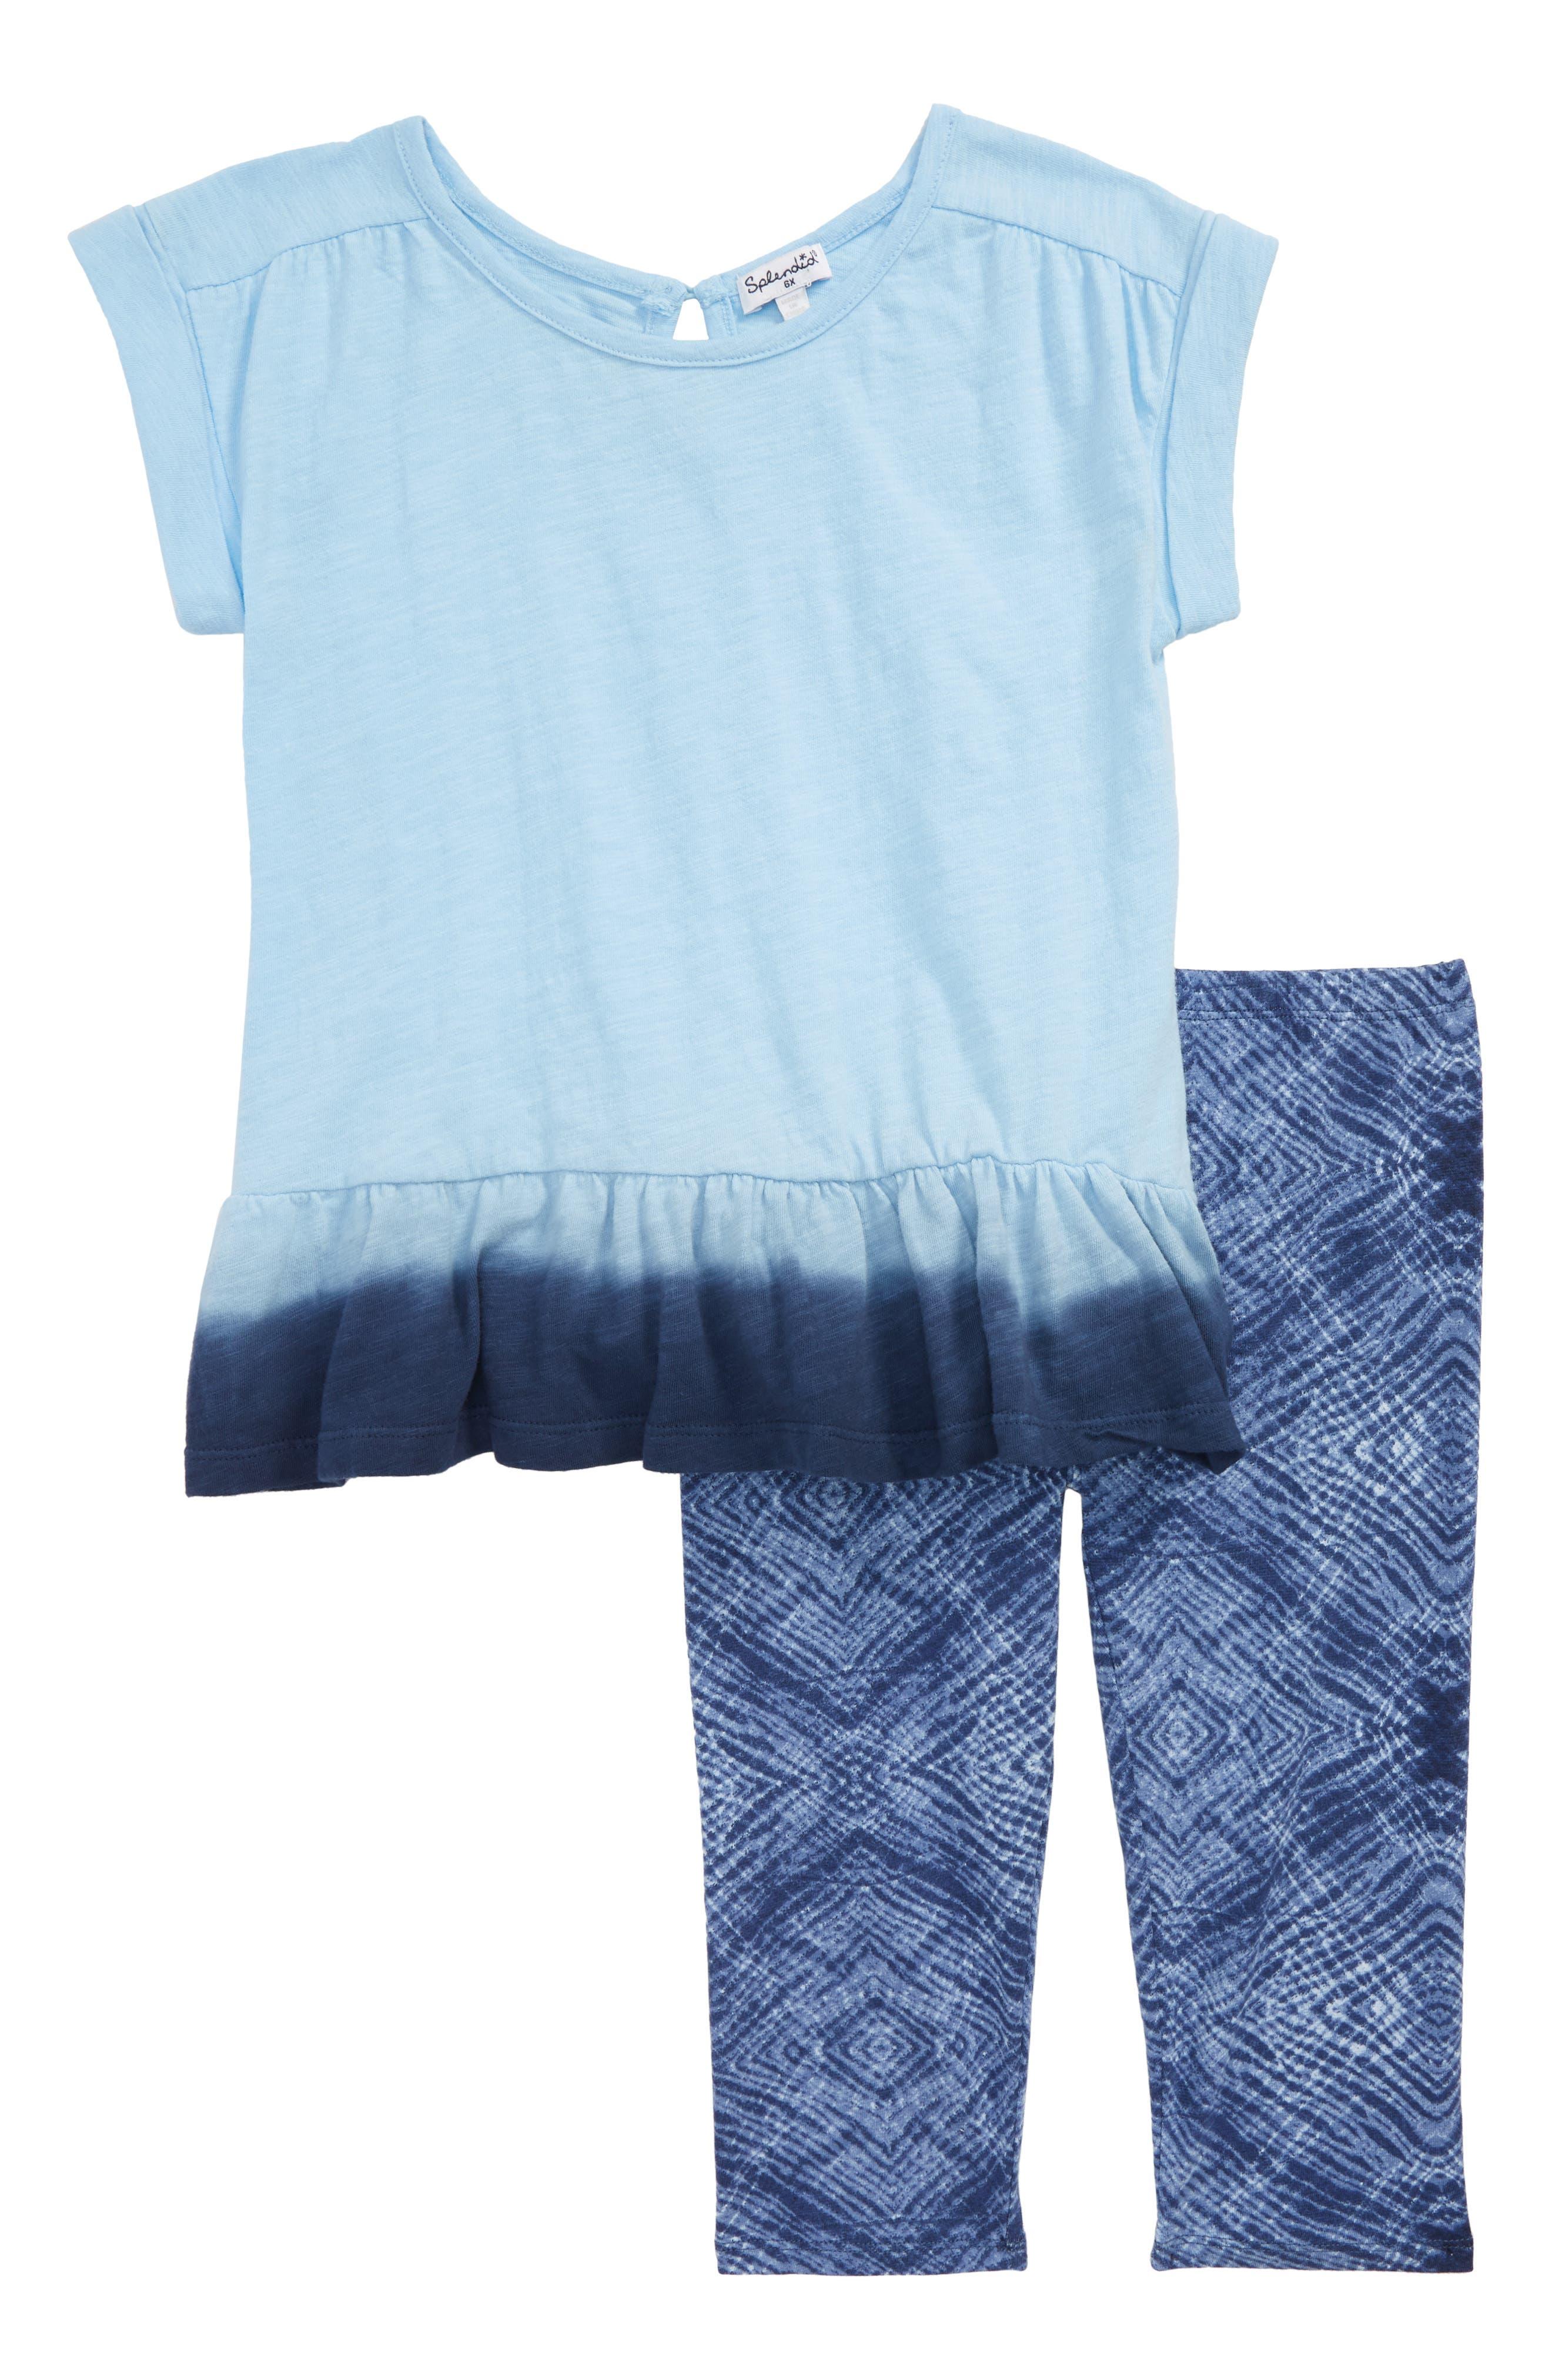 Splendid Dip Dye Top & Leggings Set (Toddler Girls & Little Girls)